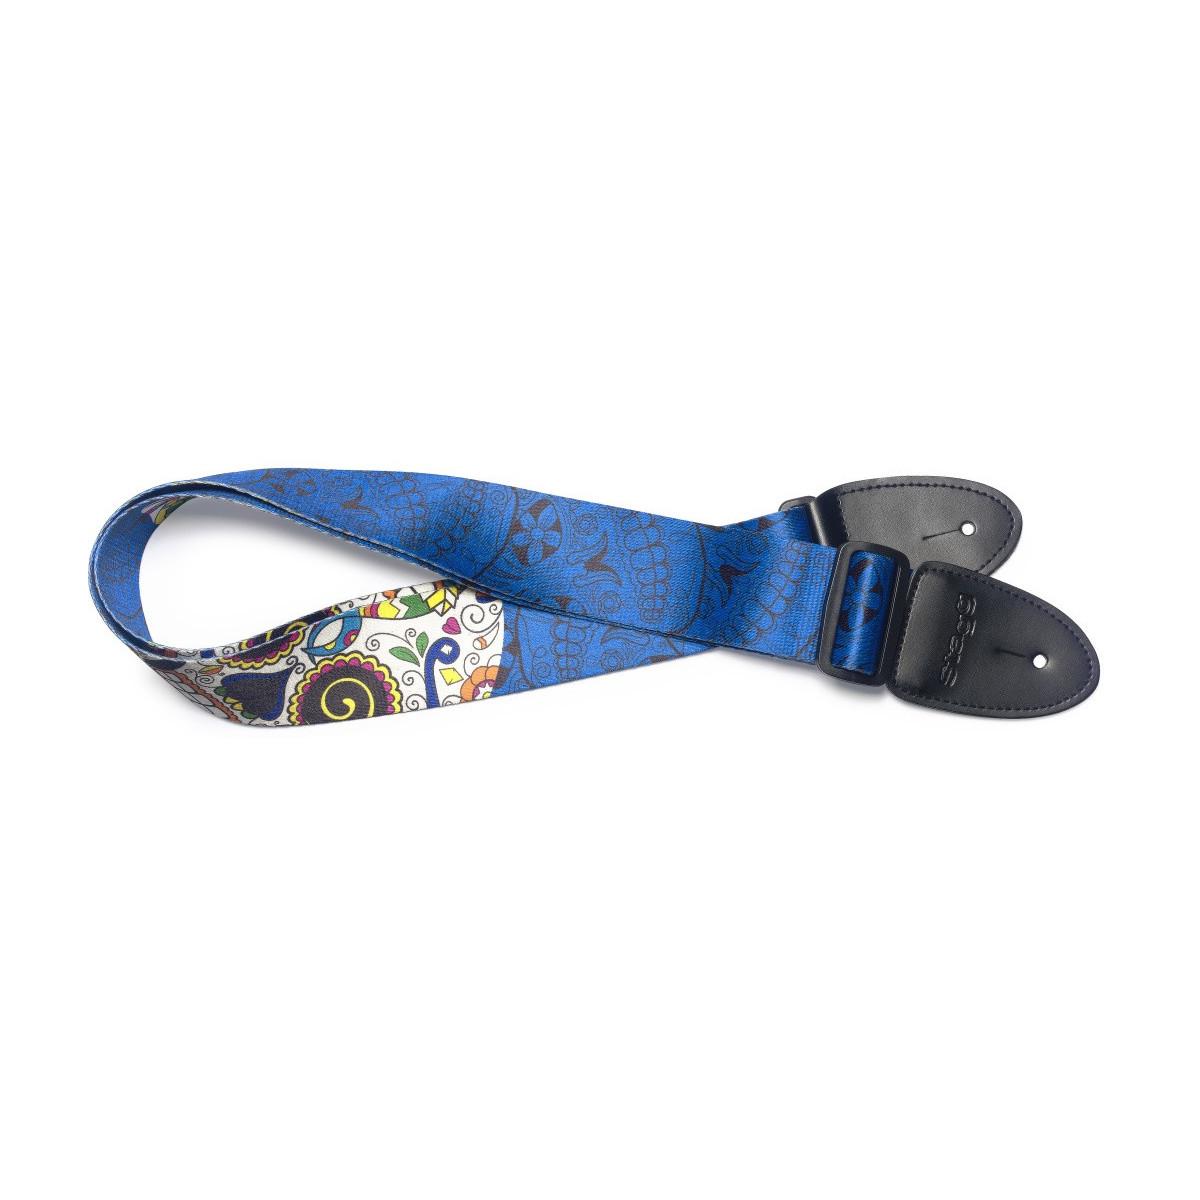 Sangle bleue guitare, motif crane mexicain